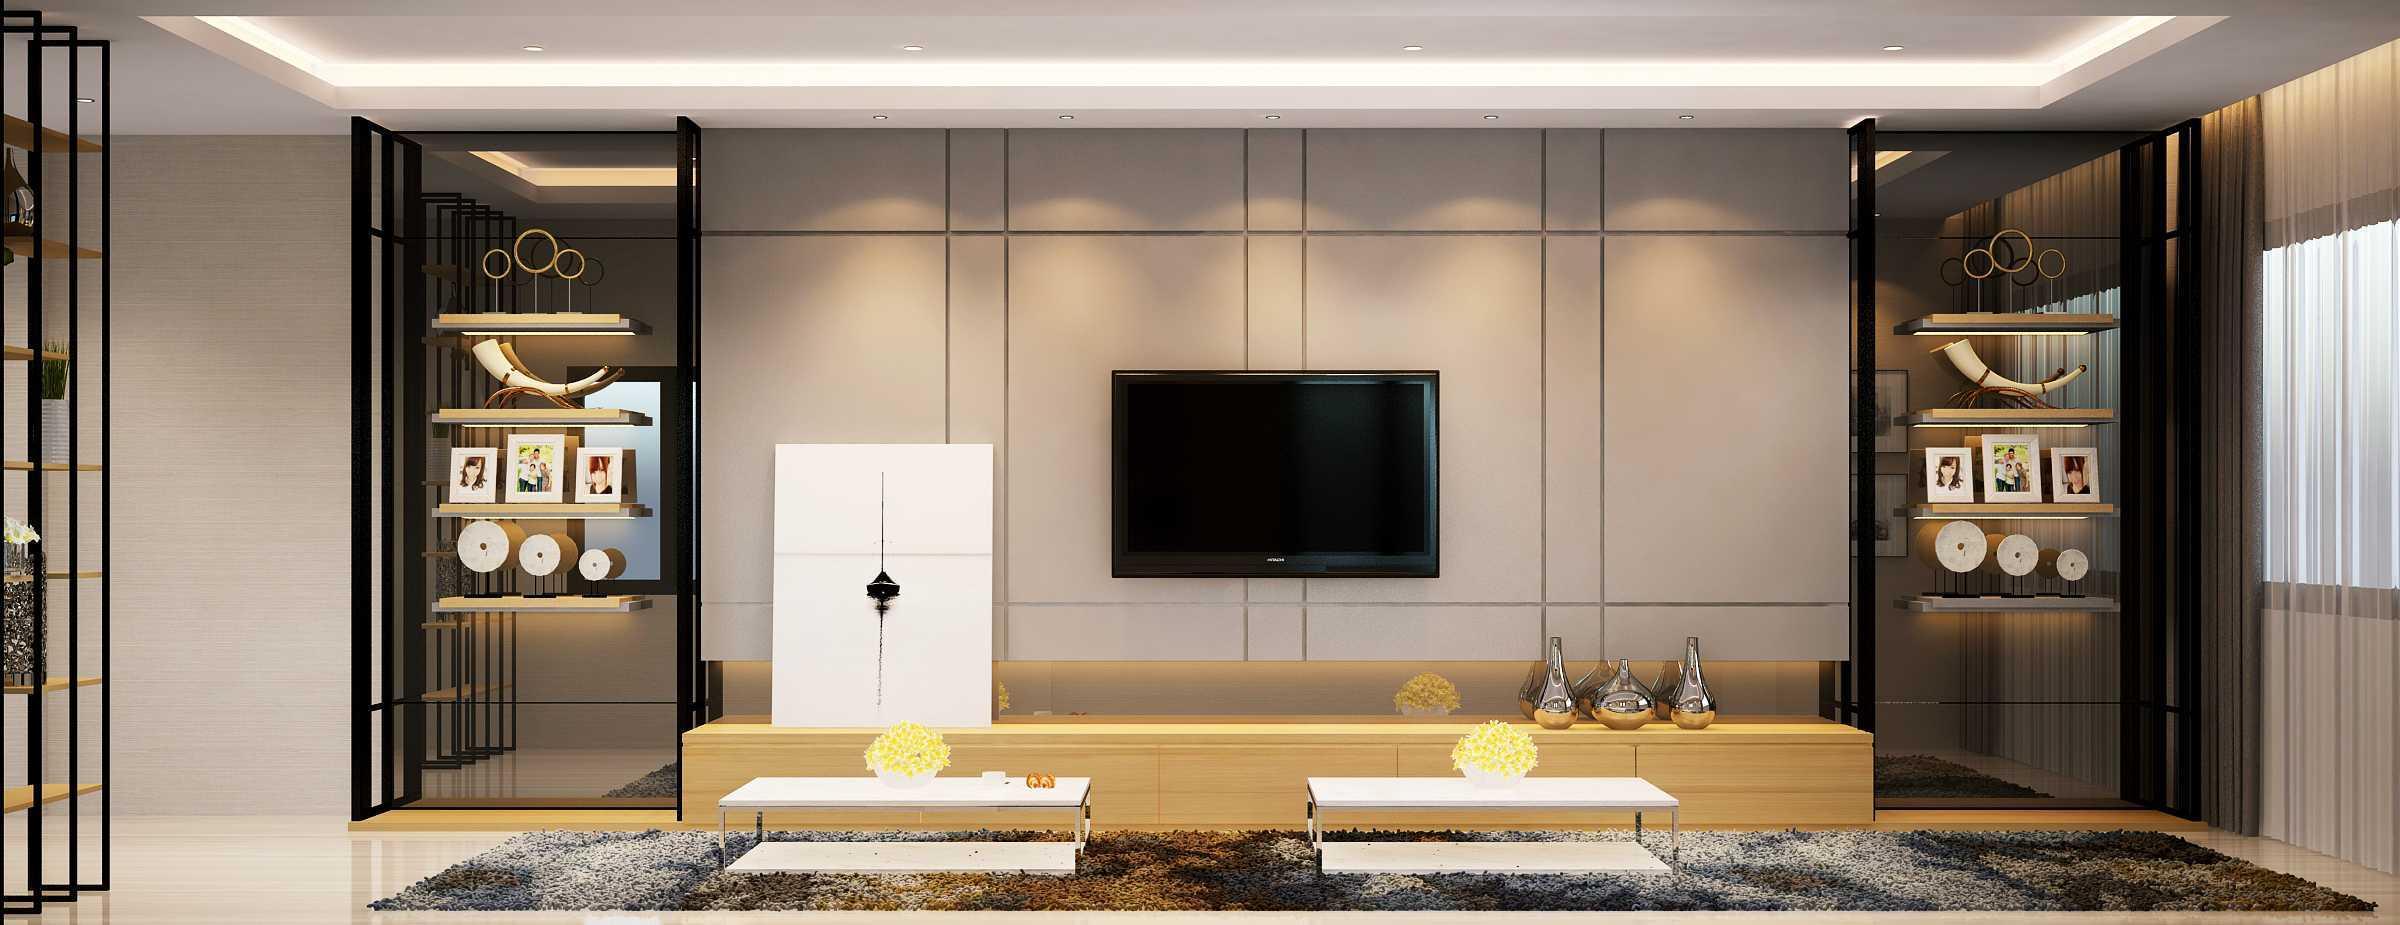 Simplifica Interior Mi House Medan, Kota Medan, Sumatera Utara, Indonesia Medan, Kota Medan, Sumatera Utara, Indonesia Simplifica-Interior-Mr-Ivan-House   62980